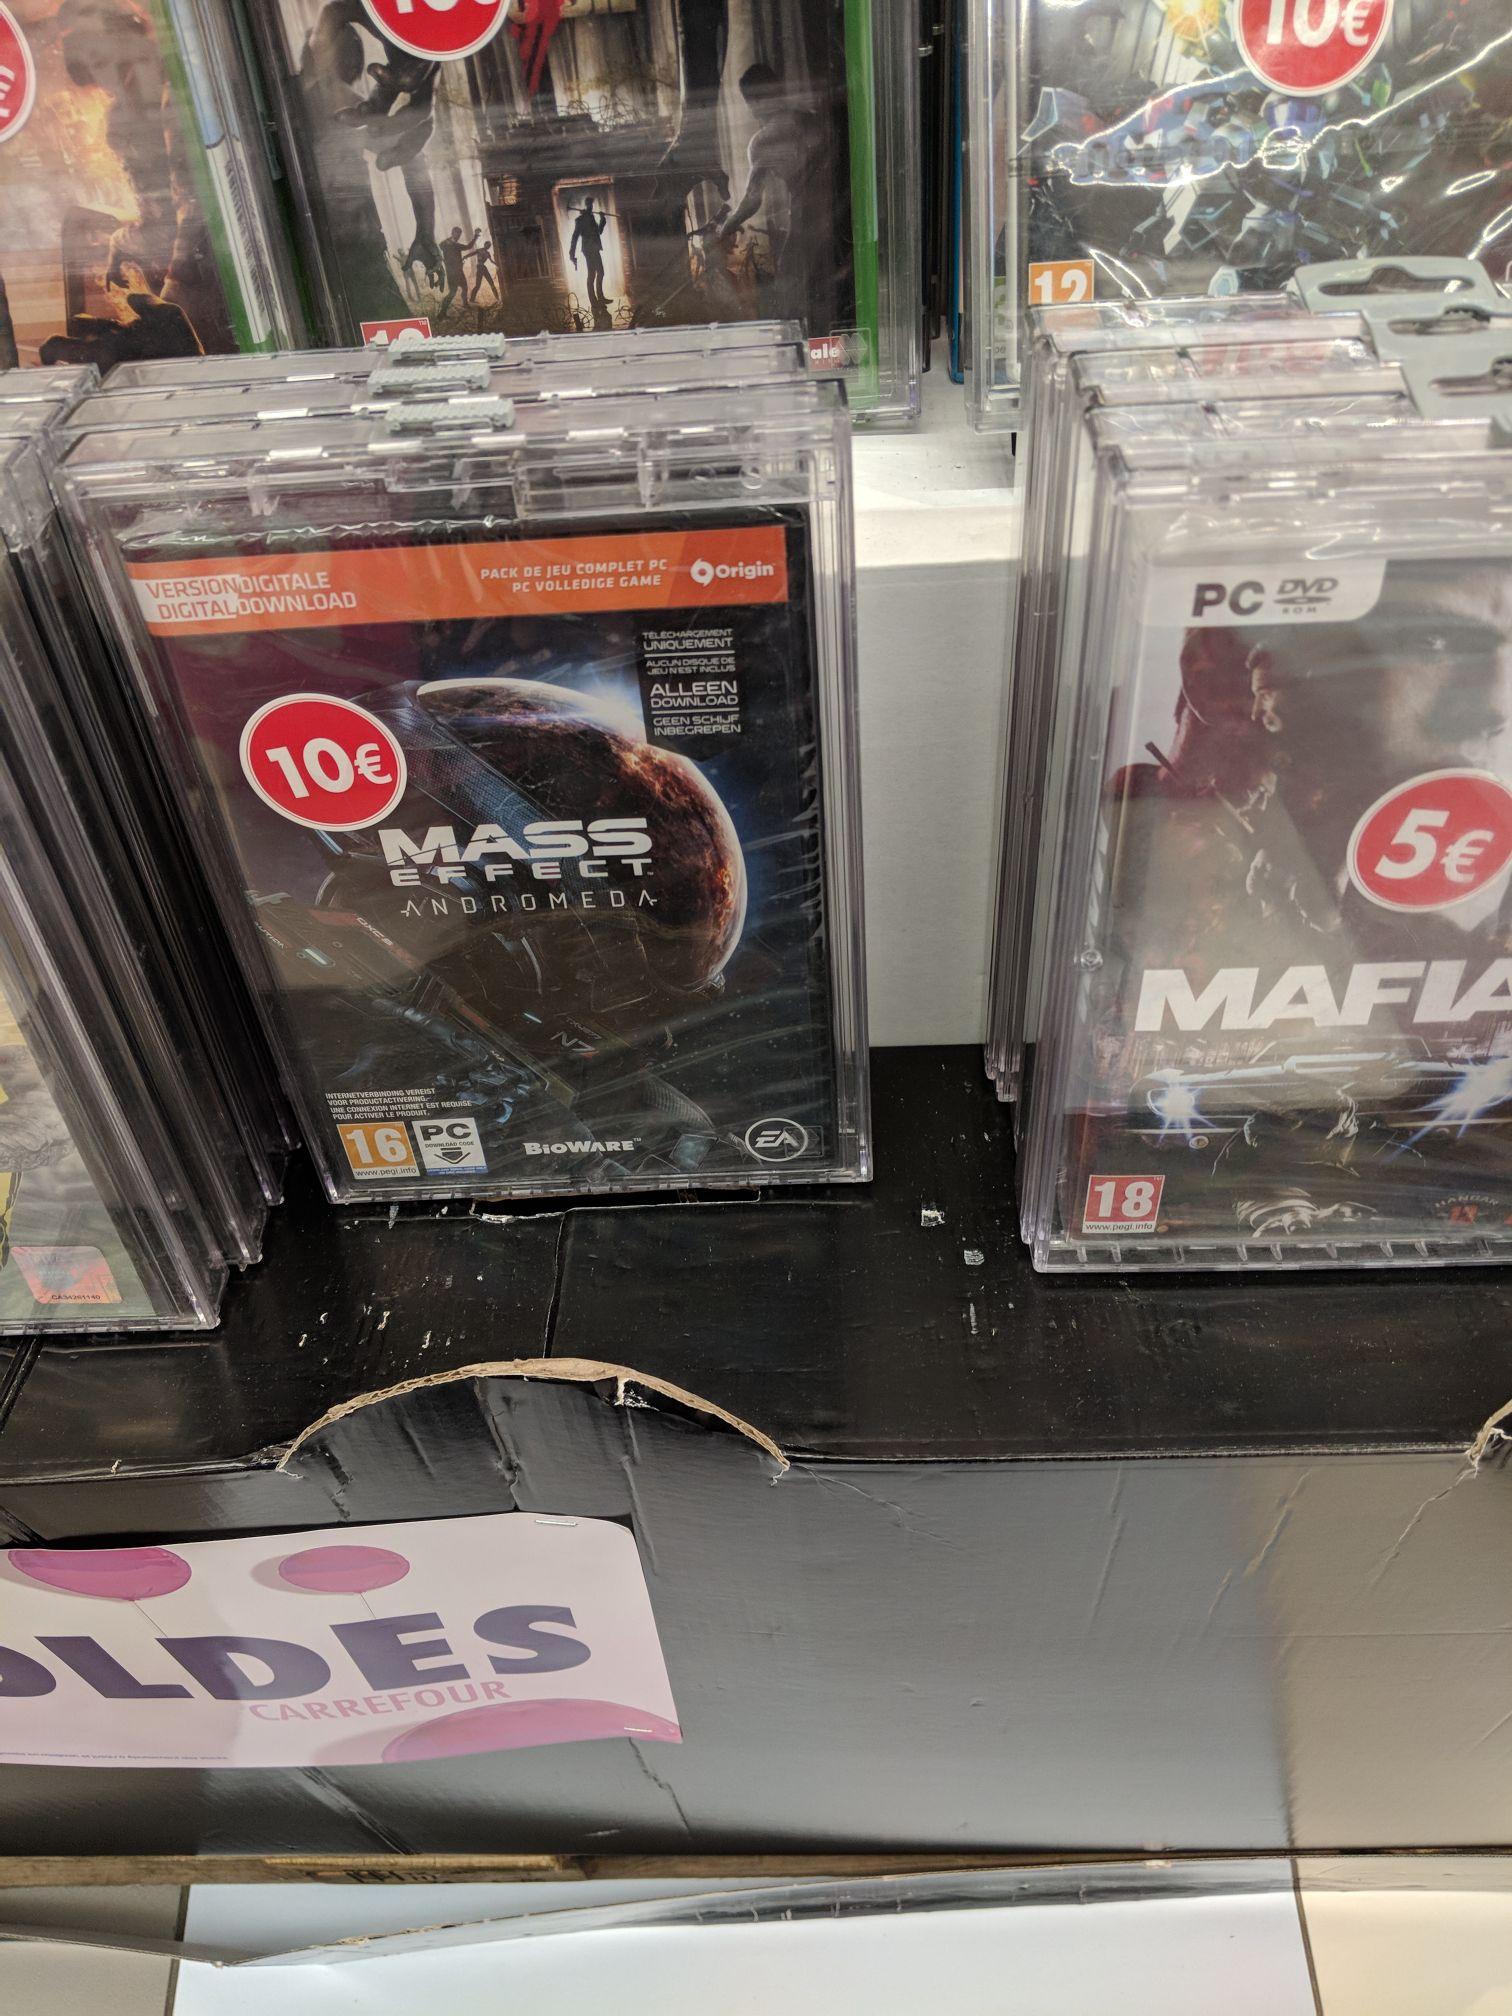 Mass Effect: Andromeda sur PC au Carrefour Villeneuve-la-Garenne (92)